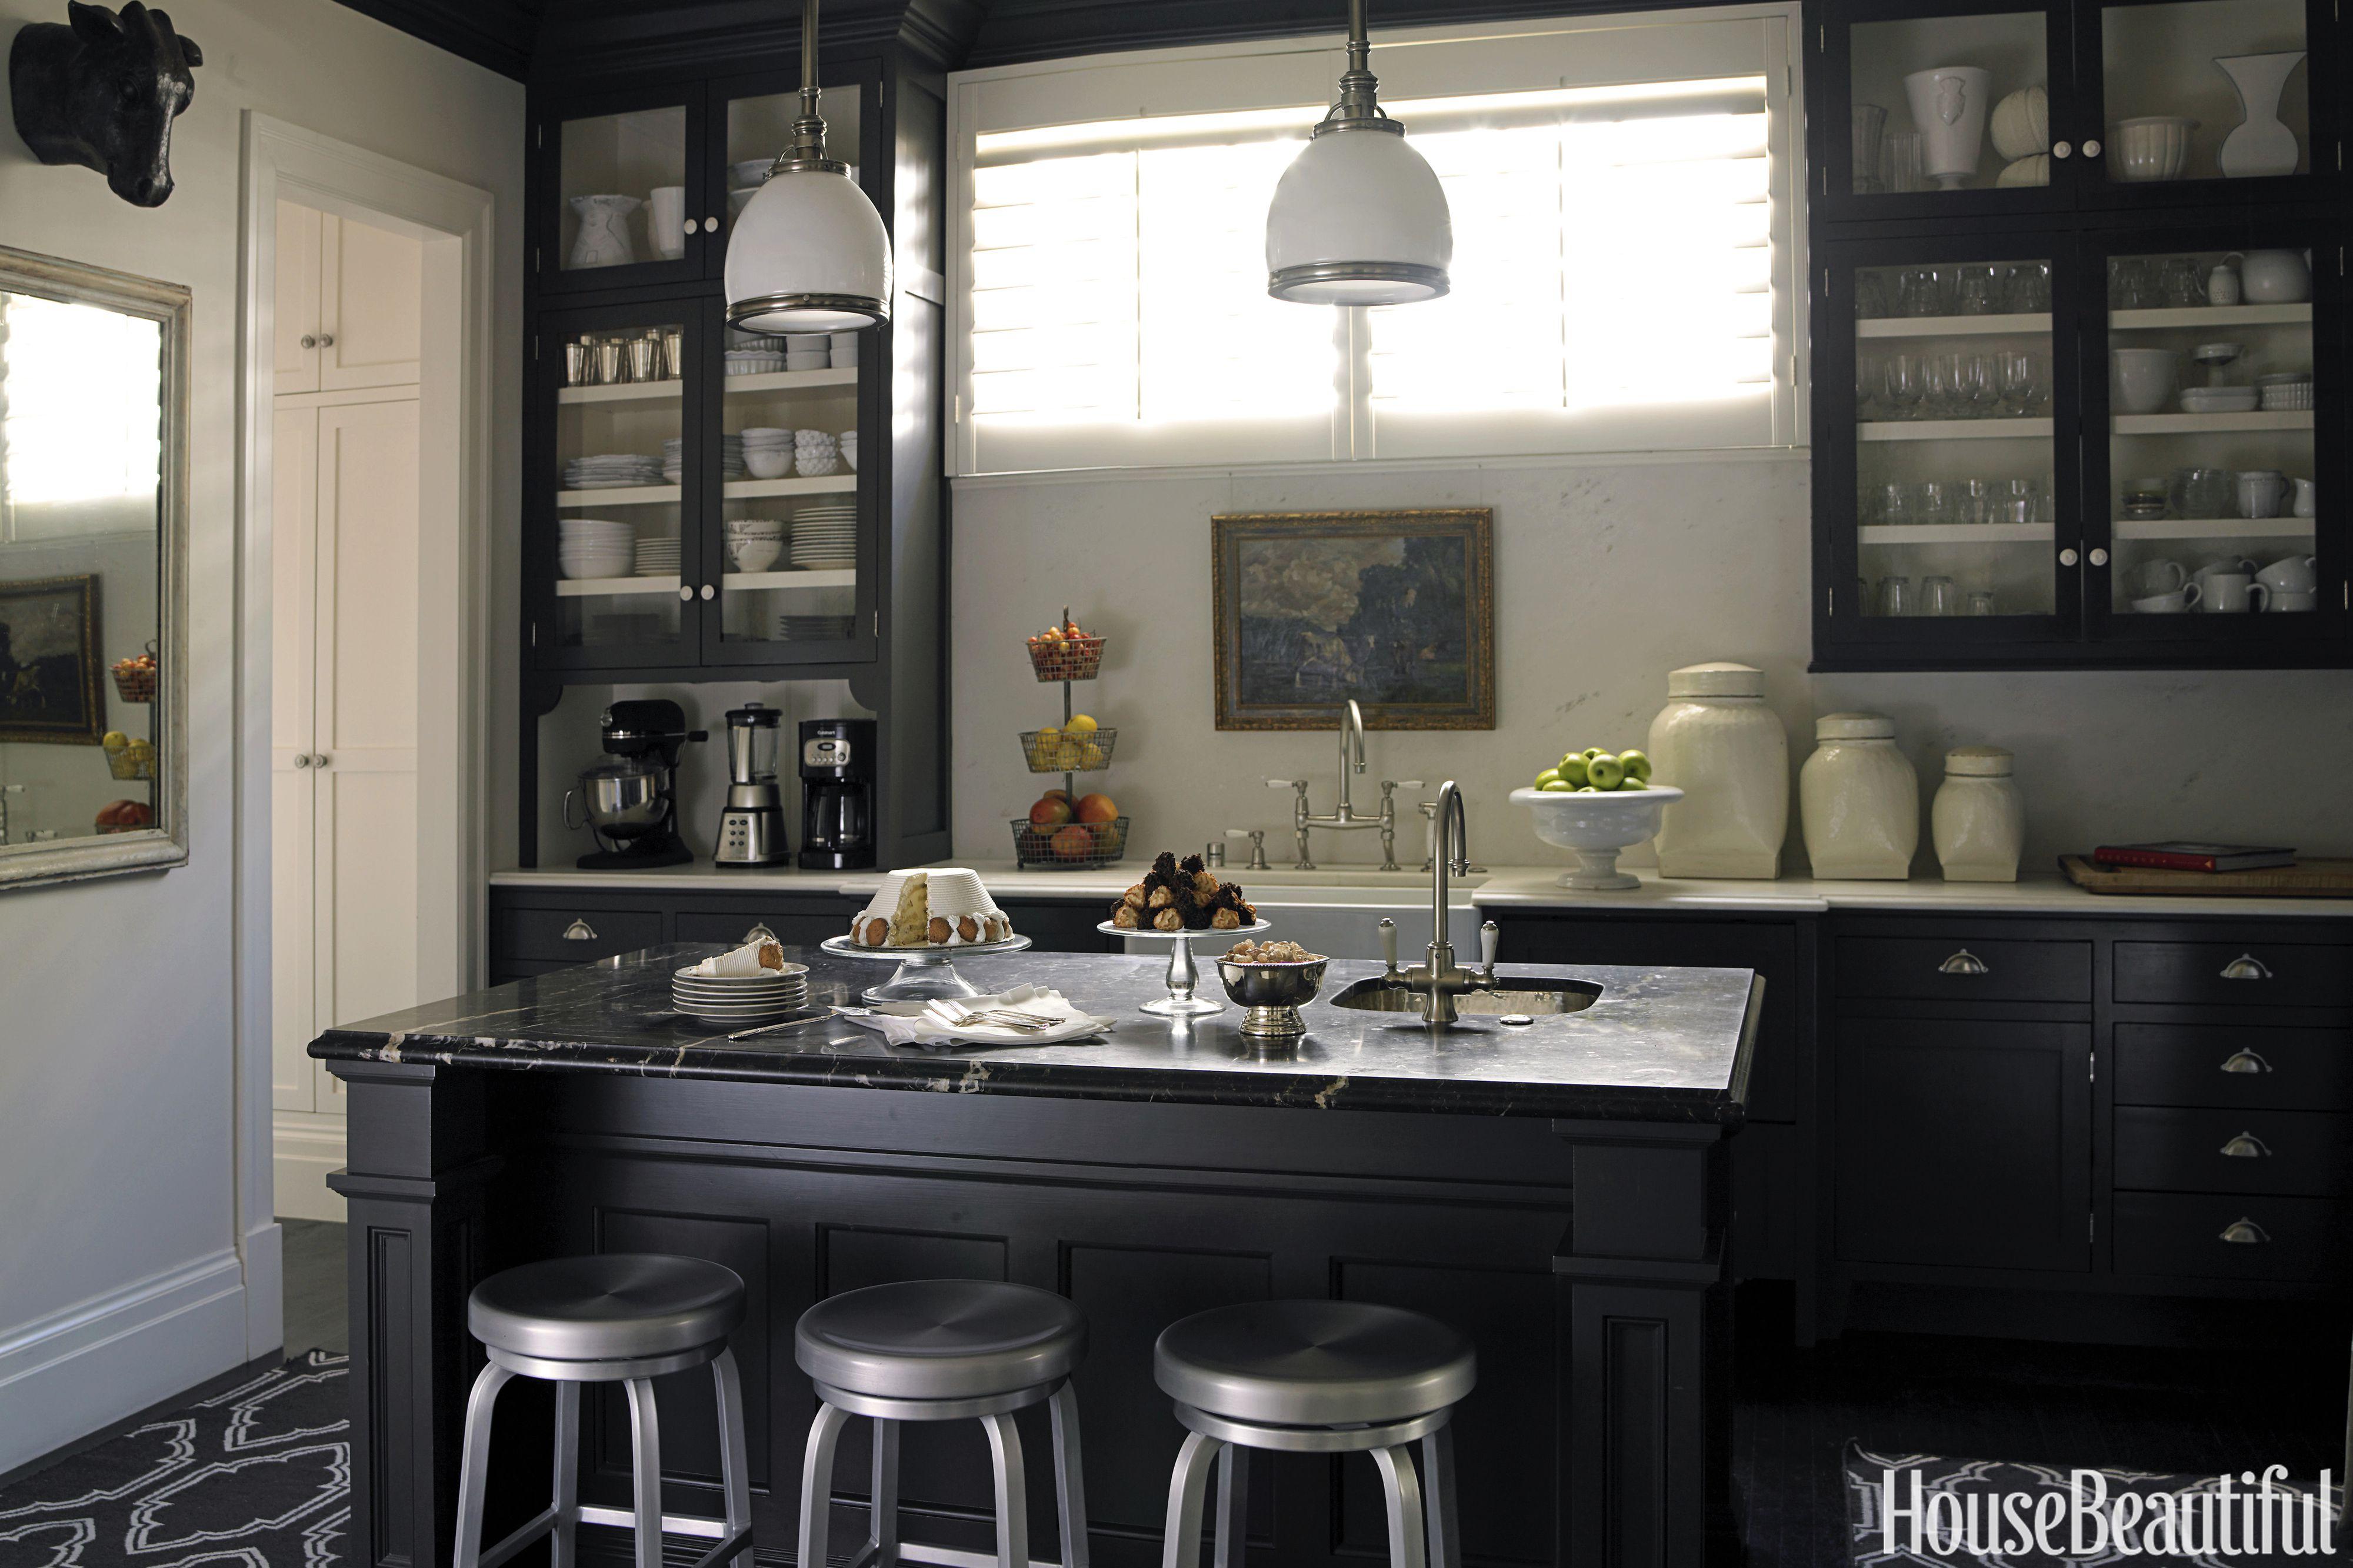 Black Kitchen Cabinets 10 Ideas For Black Kitchen Cabinets - Black Cabinets And Cabinets RCFHIXL